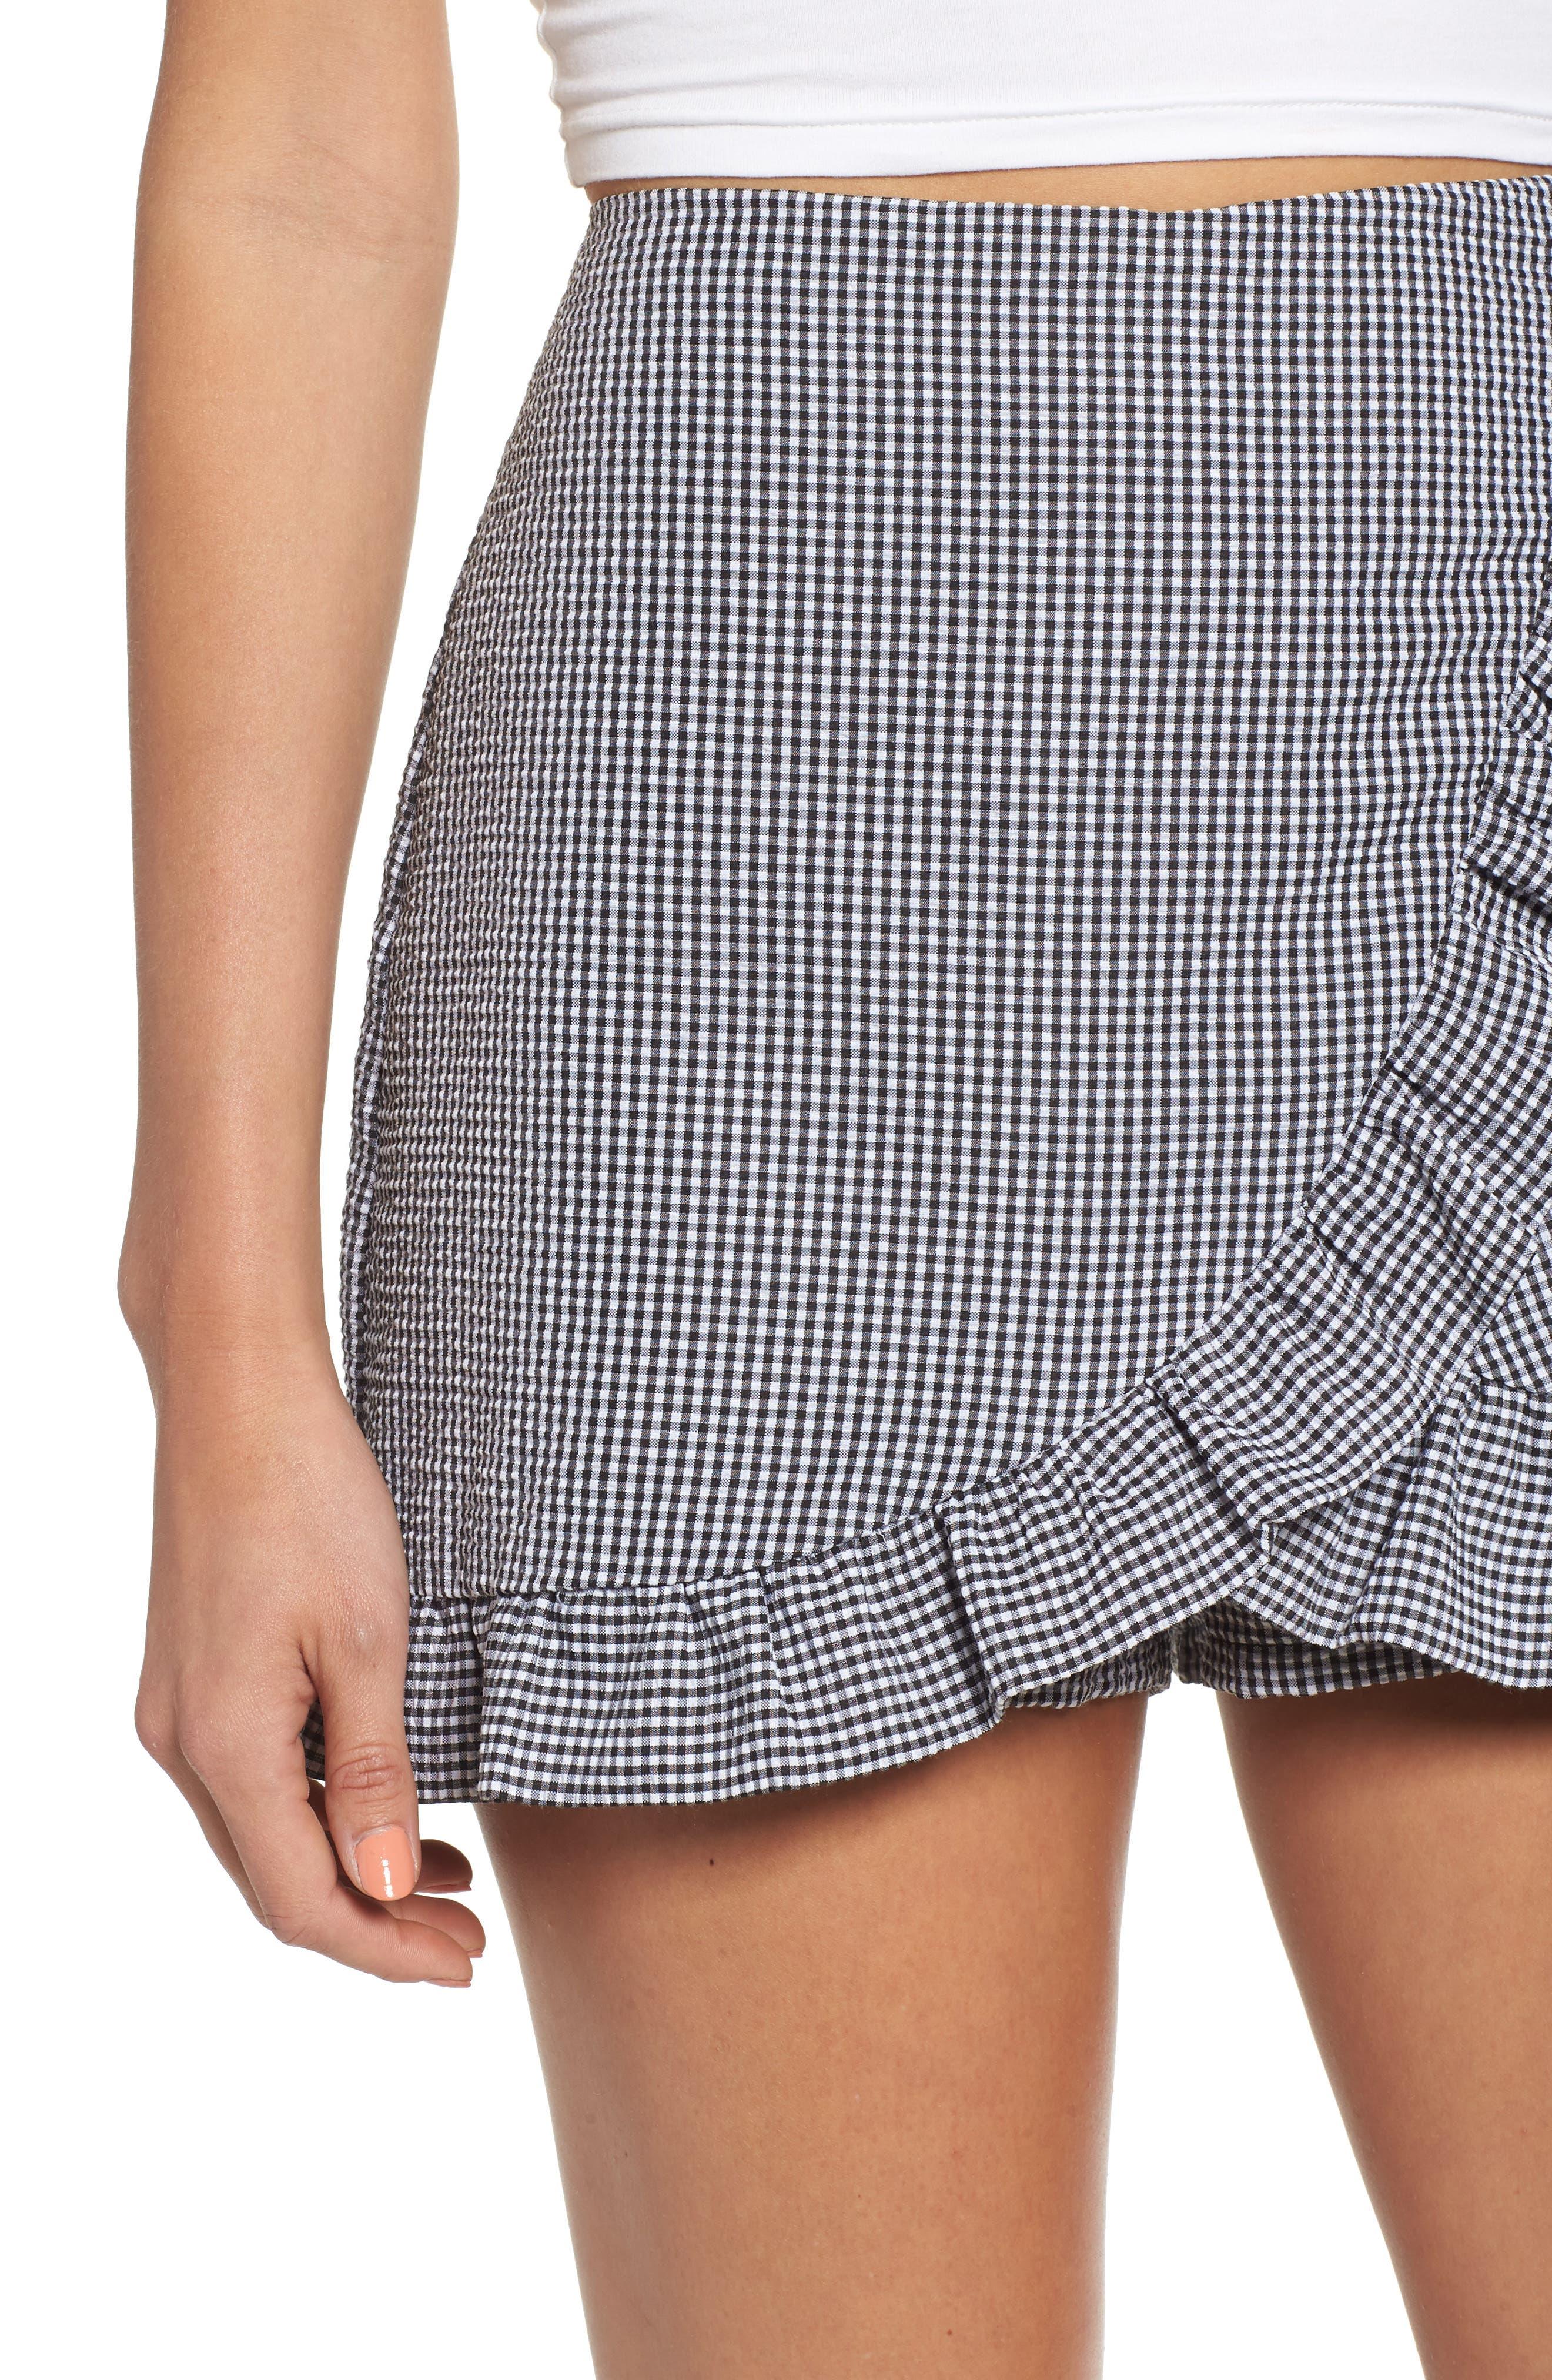 Ruffle Trim Gingham Skirt,                             Alternate thumbnail 4, color,                             001